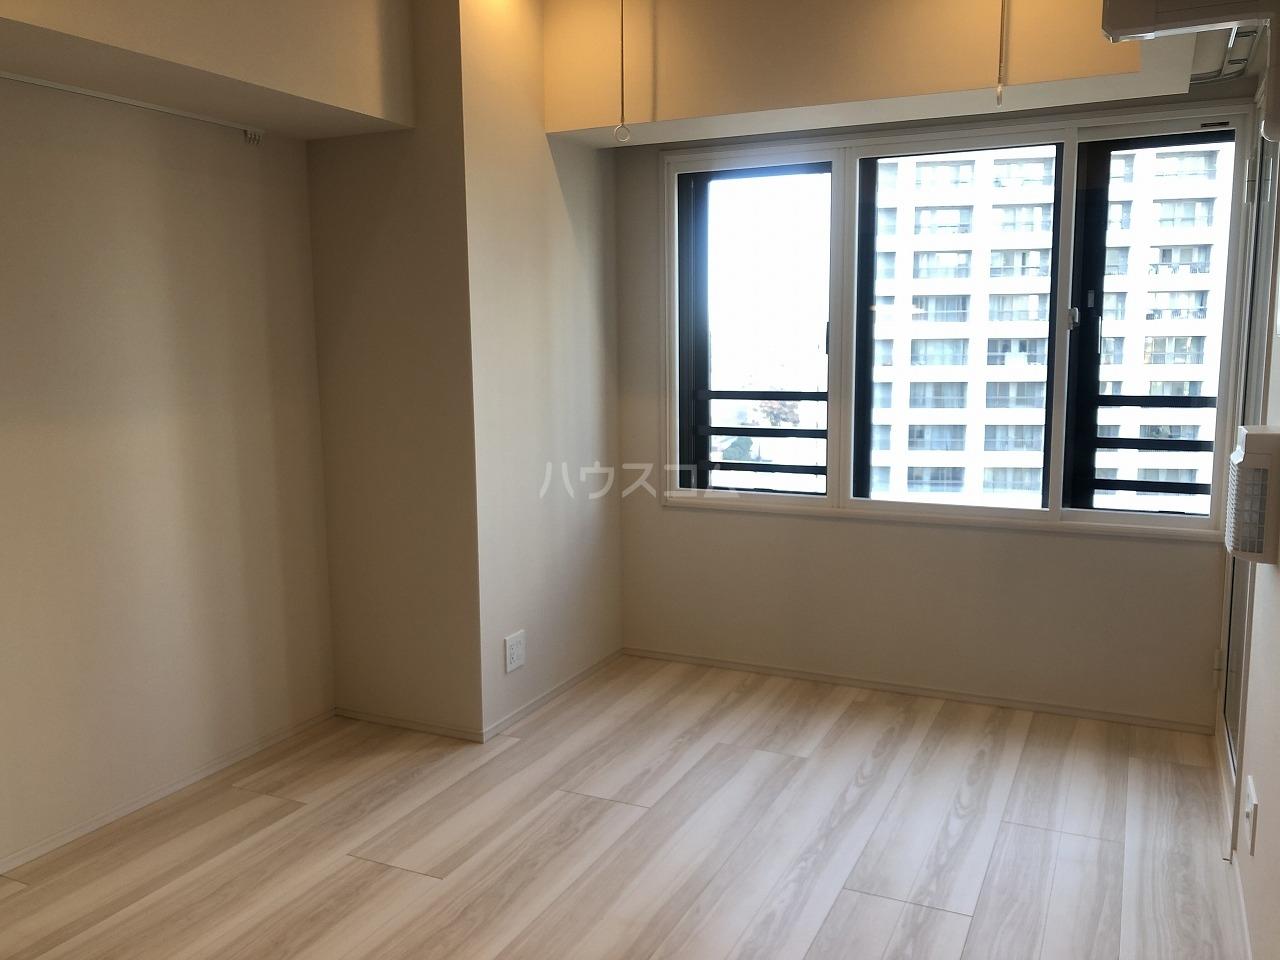 びゅうリエットグラン新宿戸山 1014号室のリビング